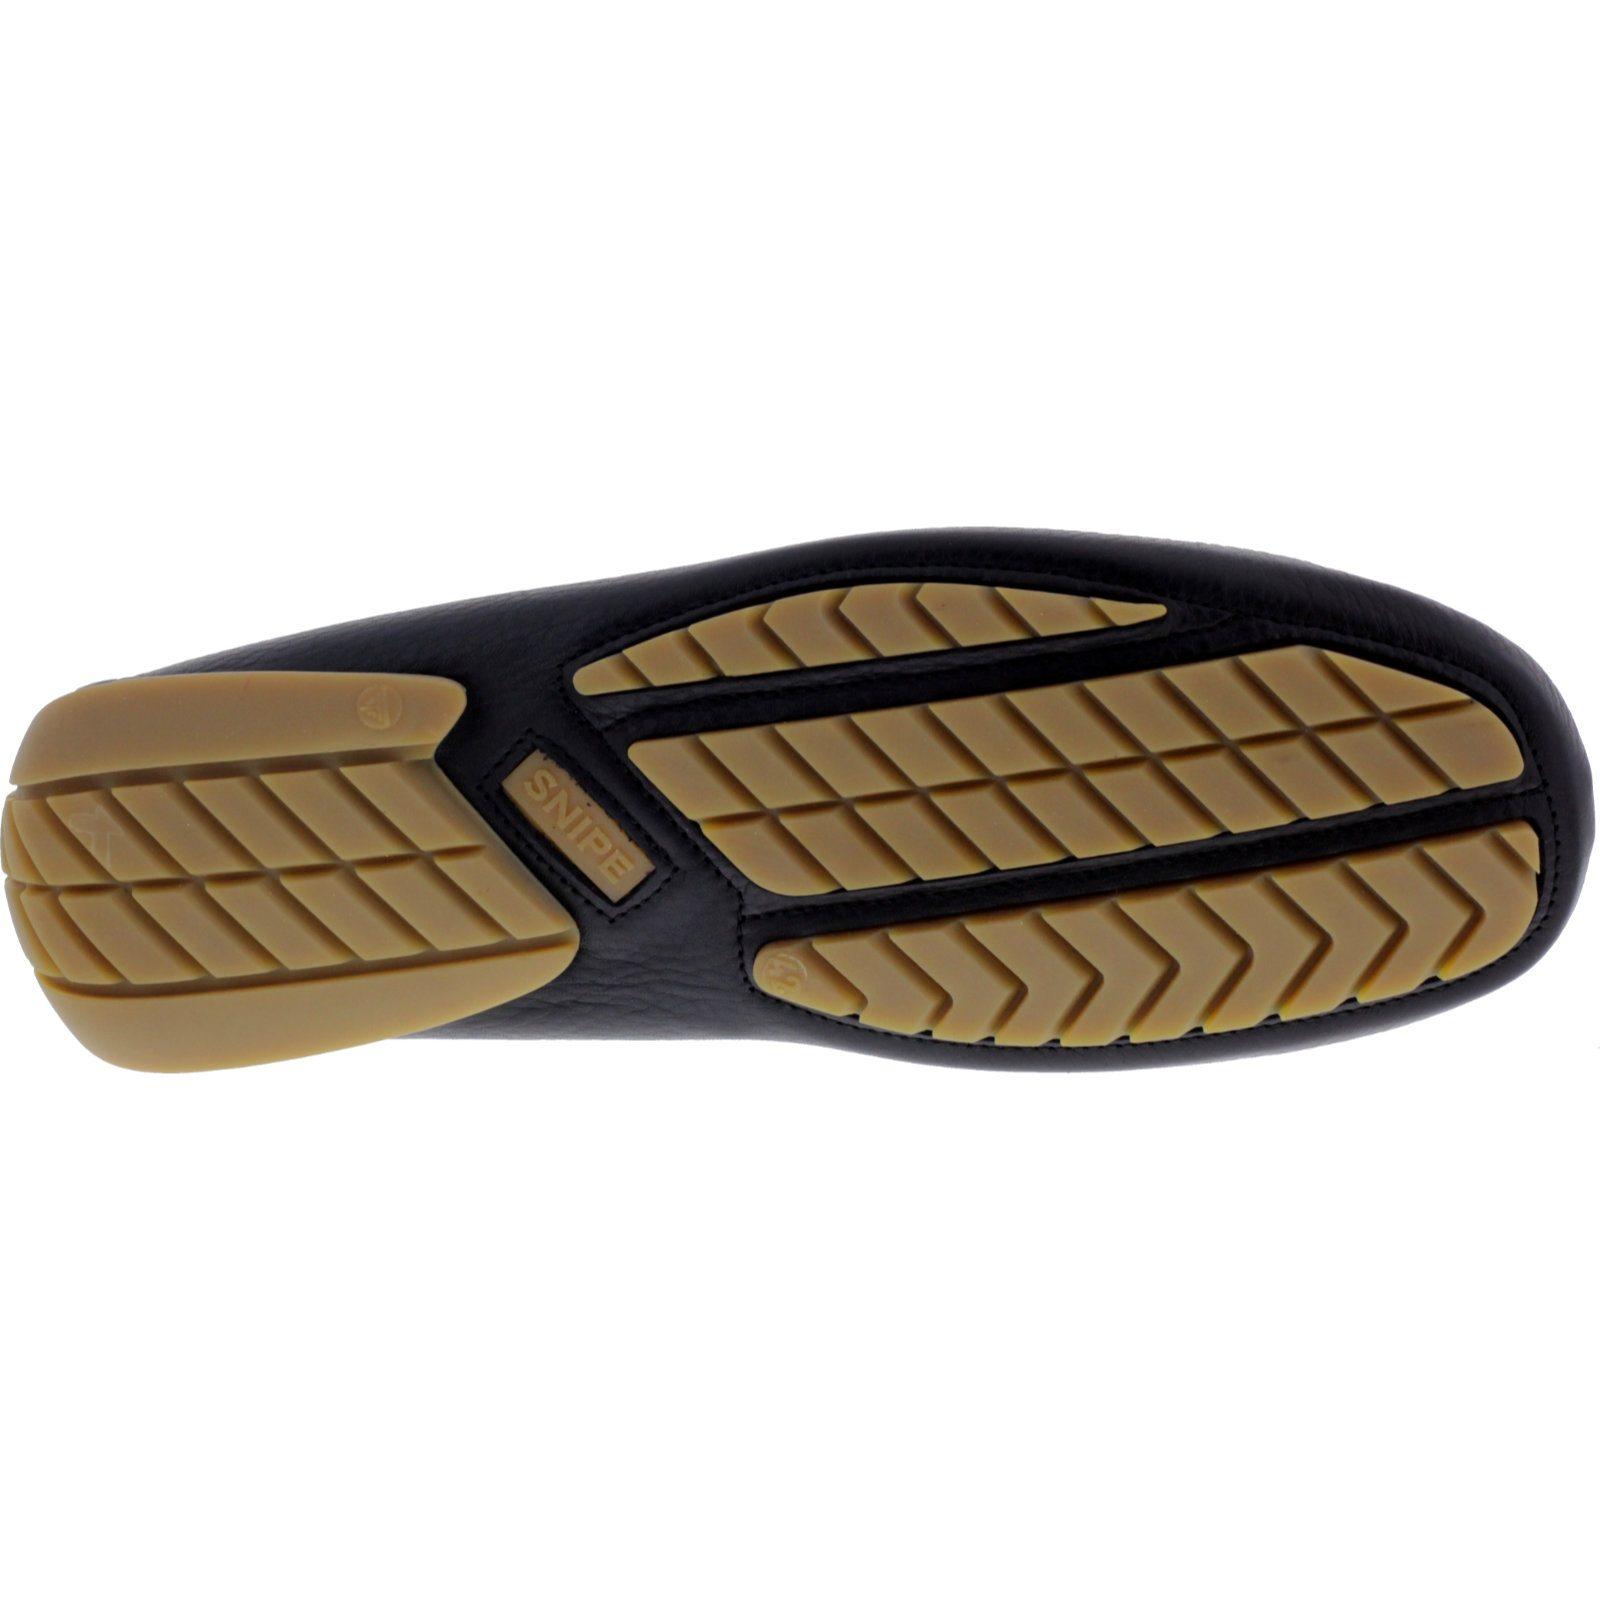 Negro Leder Ciervo Lavable Art Snipe Modell Mokkassin-Slipper waschbar